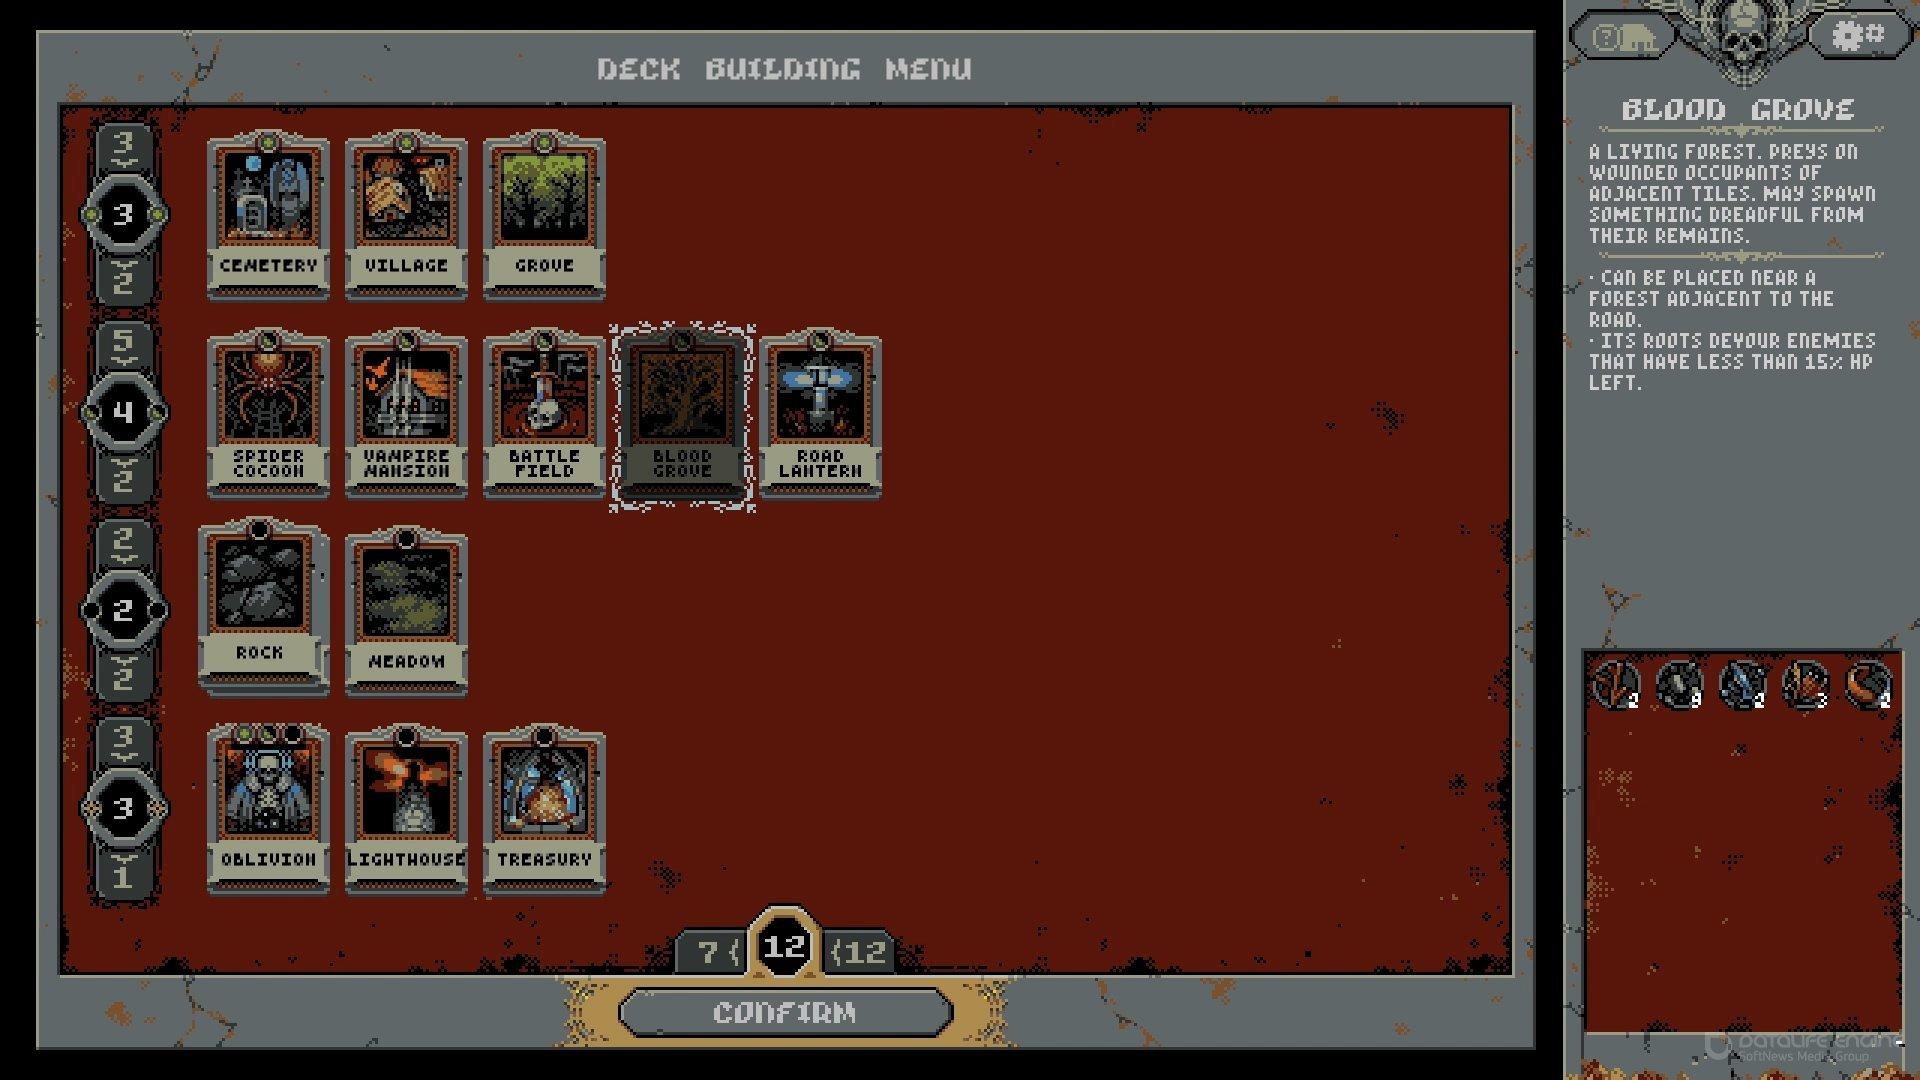 Скриншот к игре Loop Hero v.1.012 [GOG] (2021) скачать торрент Лицензия